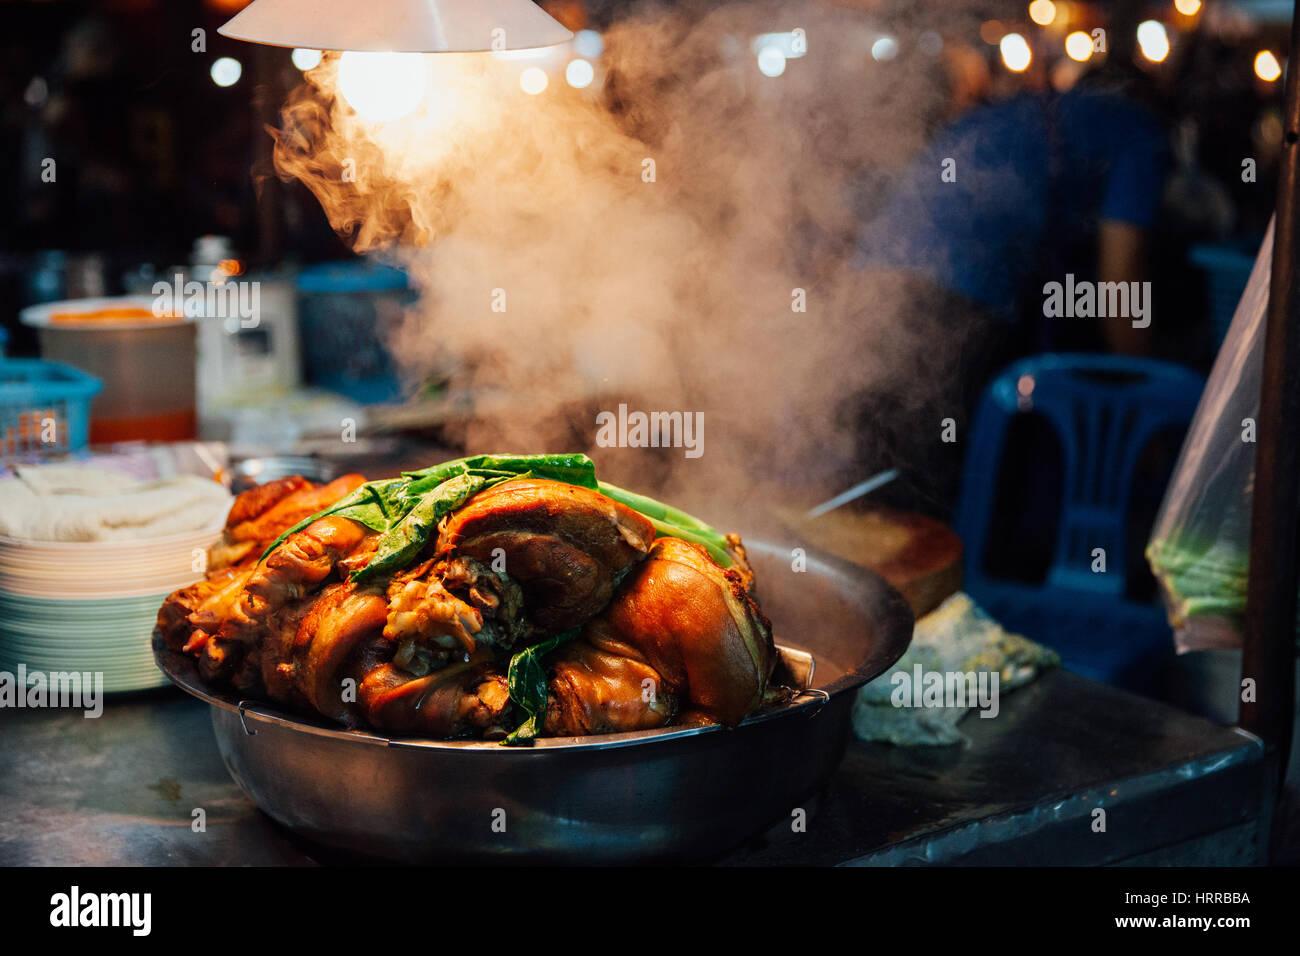 Carne de cerdo caliente se enfría en el mercado del sábado noche, calar en Chiang Mai, Tailandia. Imagen De Stock